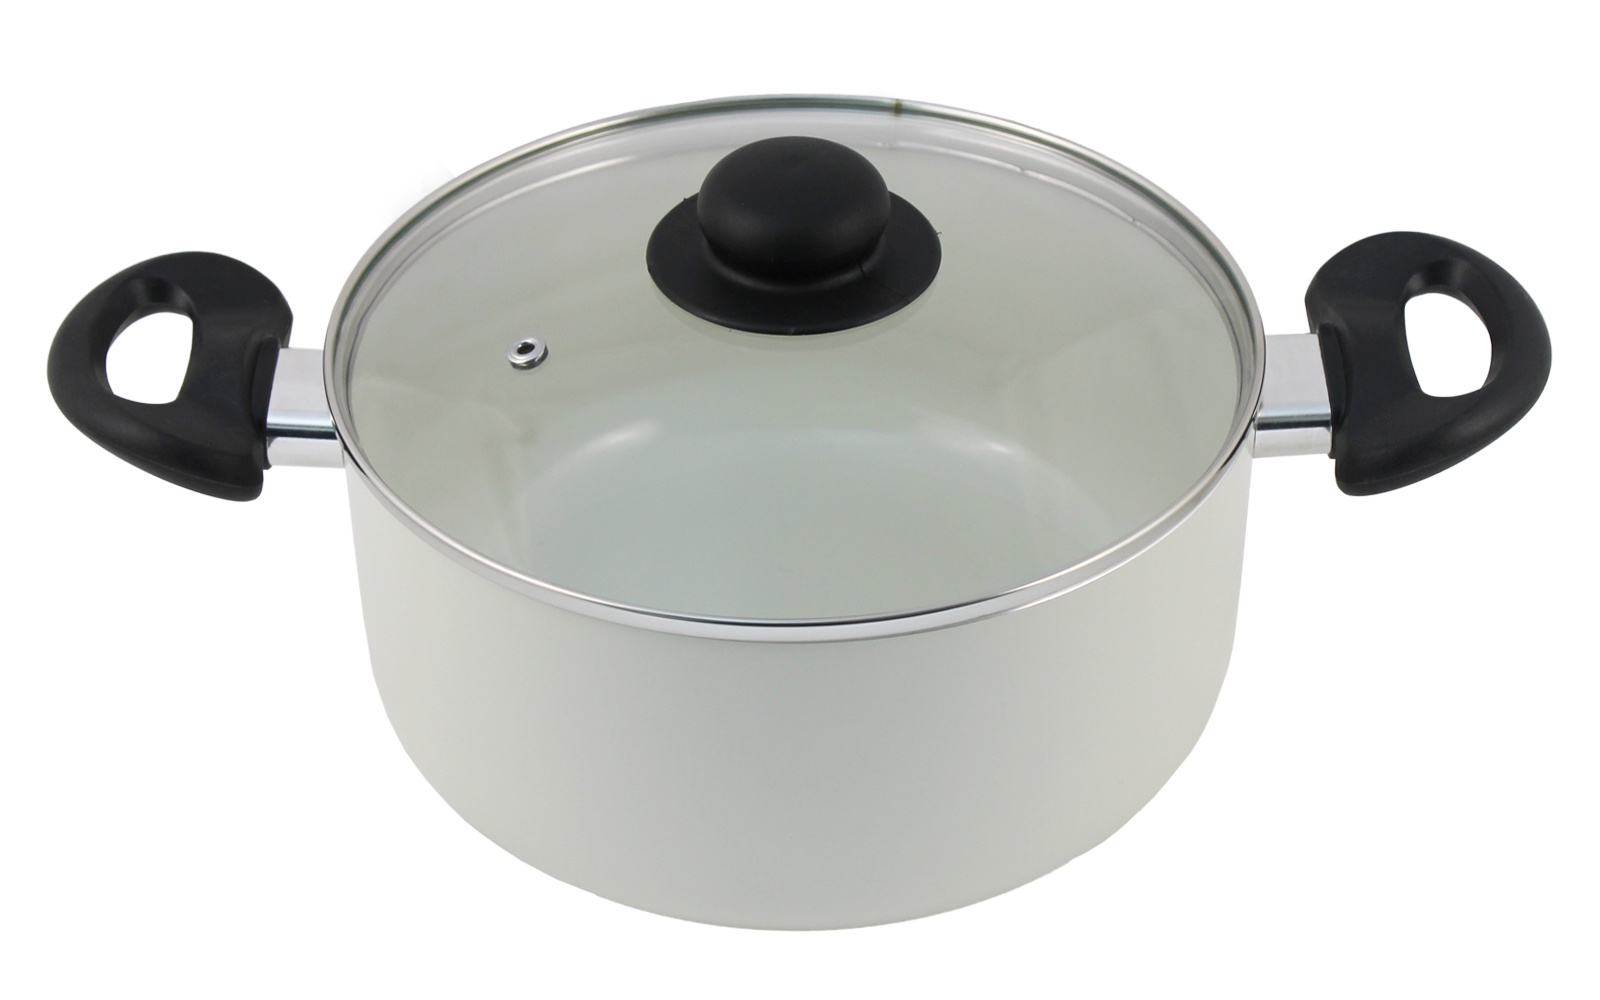 Кастрюля NaturePan с крышкой Eco-Line 22см, 4л 4 л элит посуда кастрюля bk 1104 2 4л